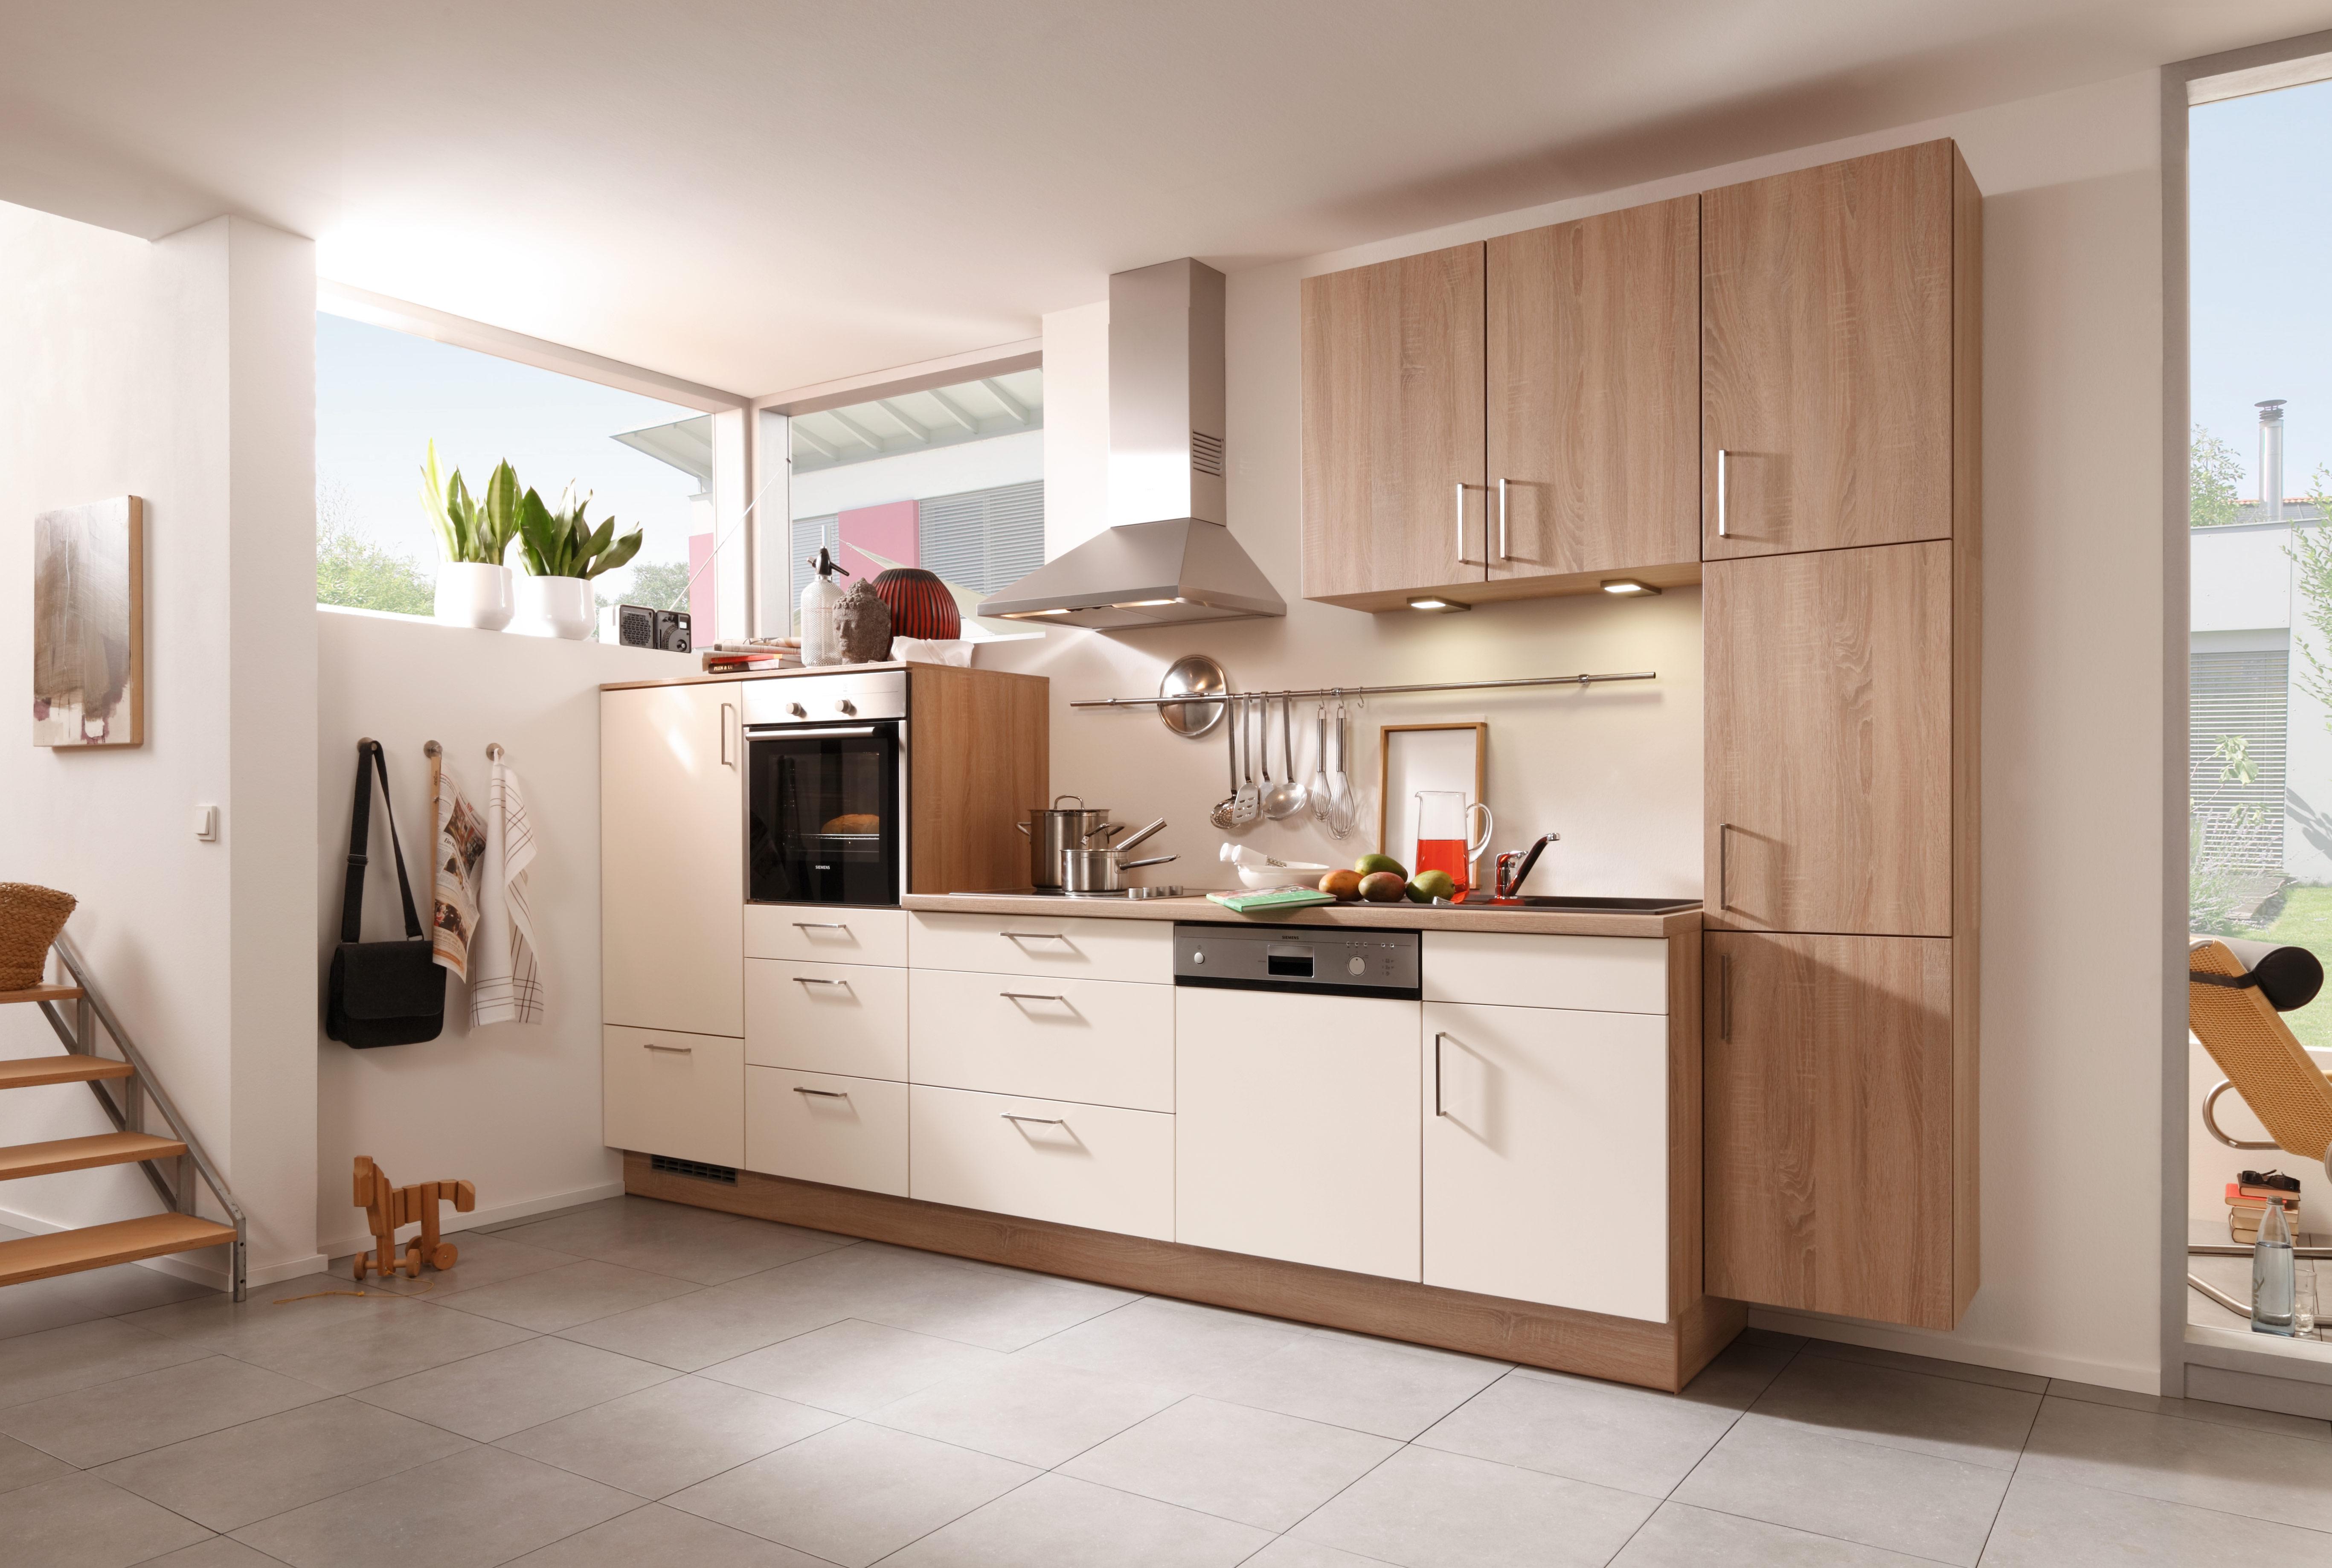 Kleine Küche: Tipps für die Planung und mehr Stauraum